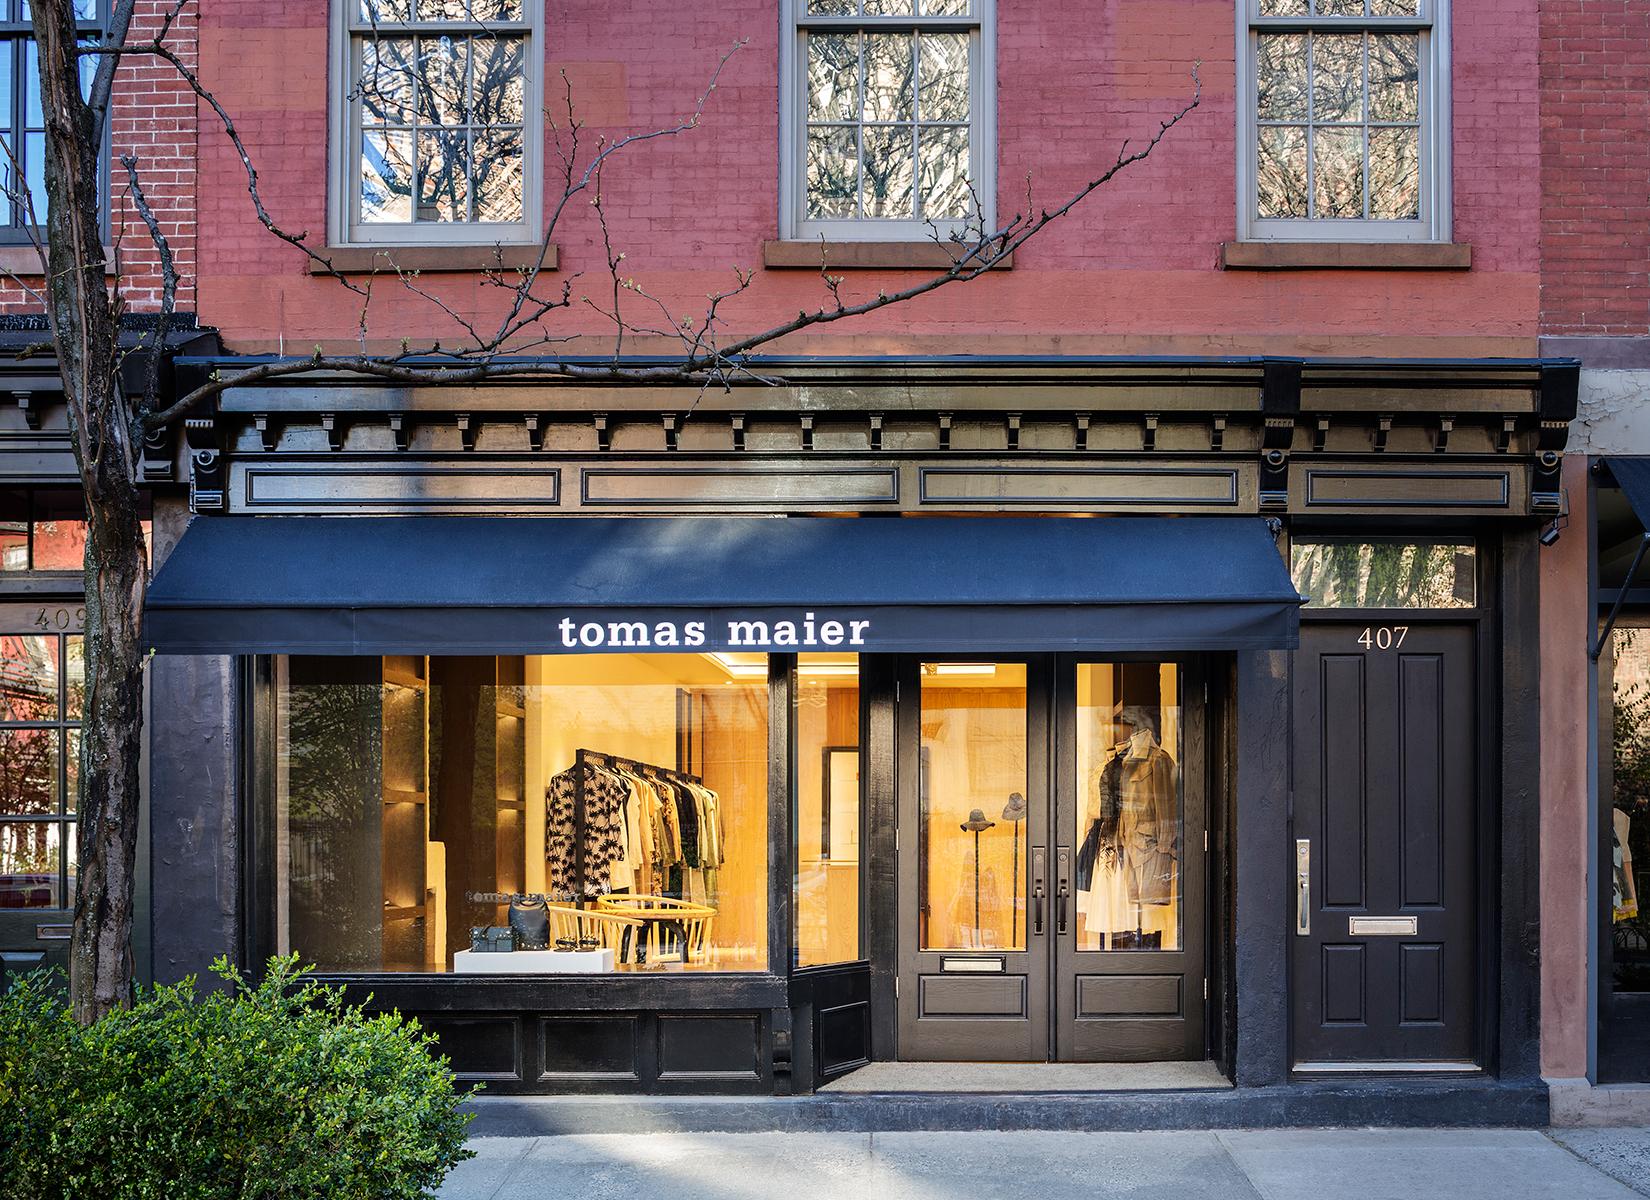 The Tomas Maier Bleecker Street store.